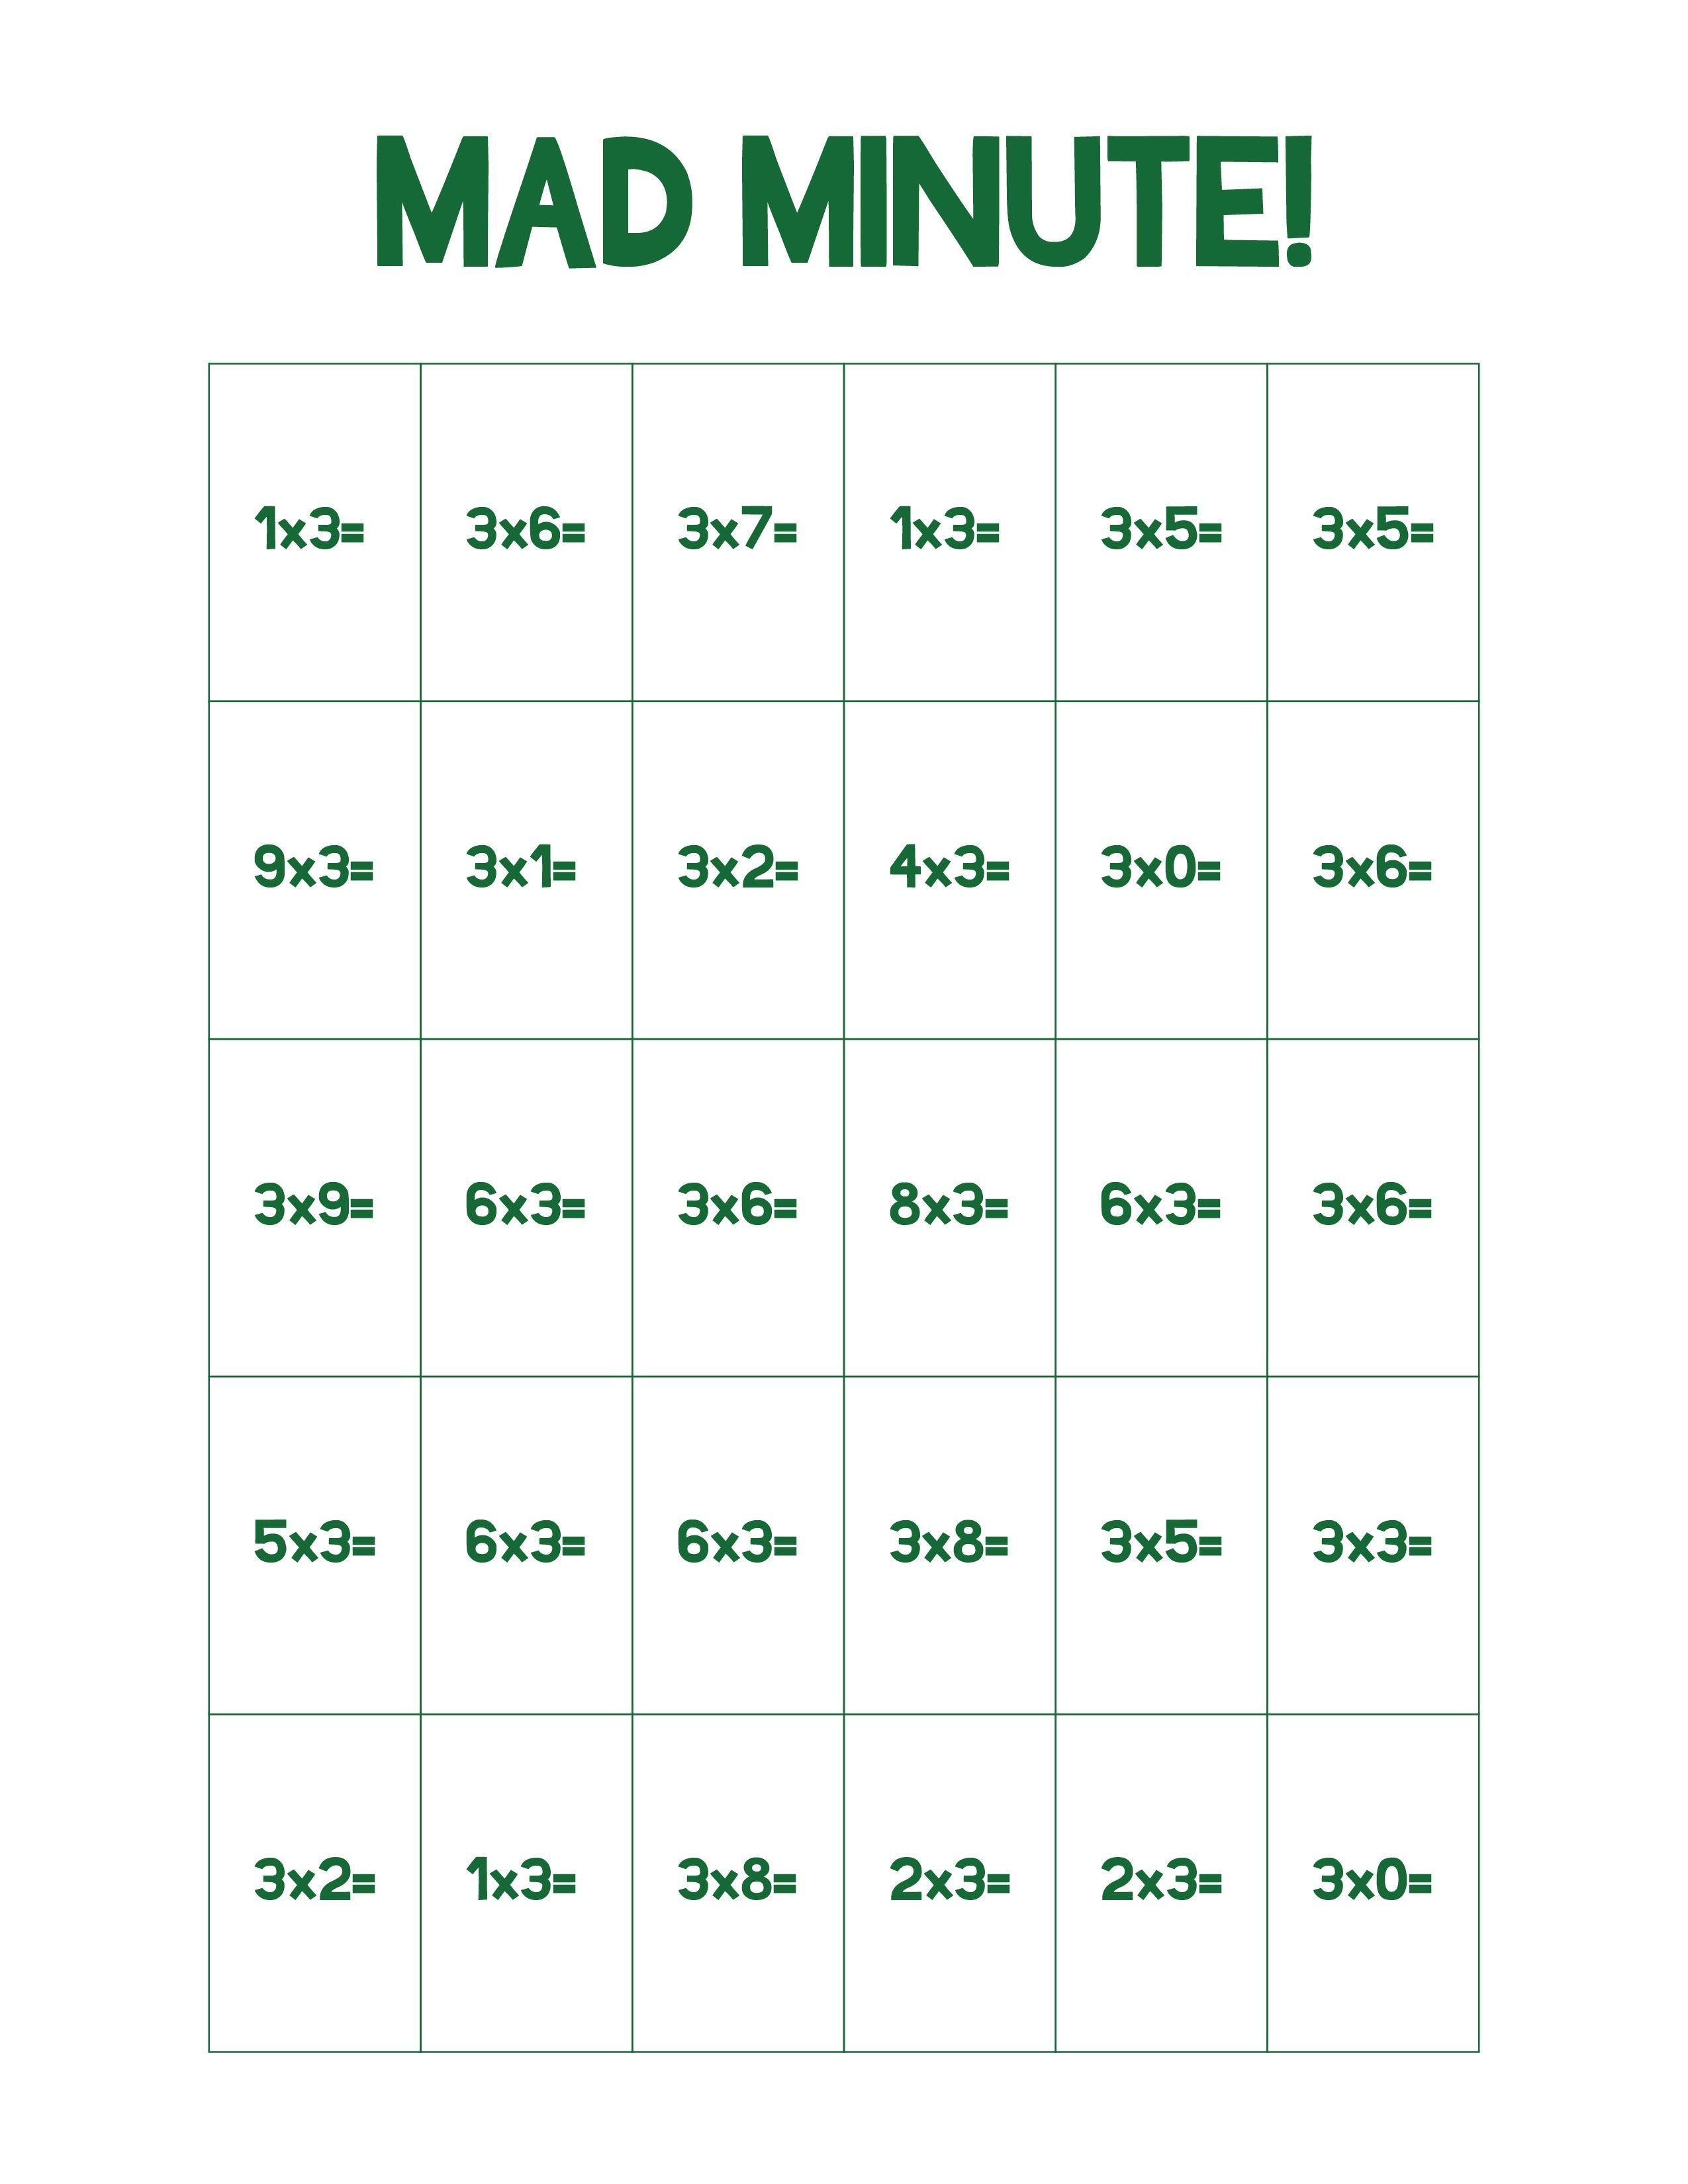 Fun Math Sheets For Playful Learning Kiddo Shelter Math